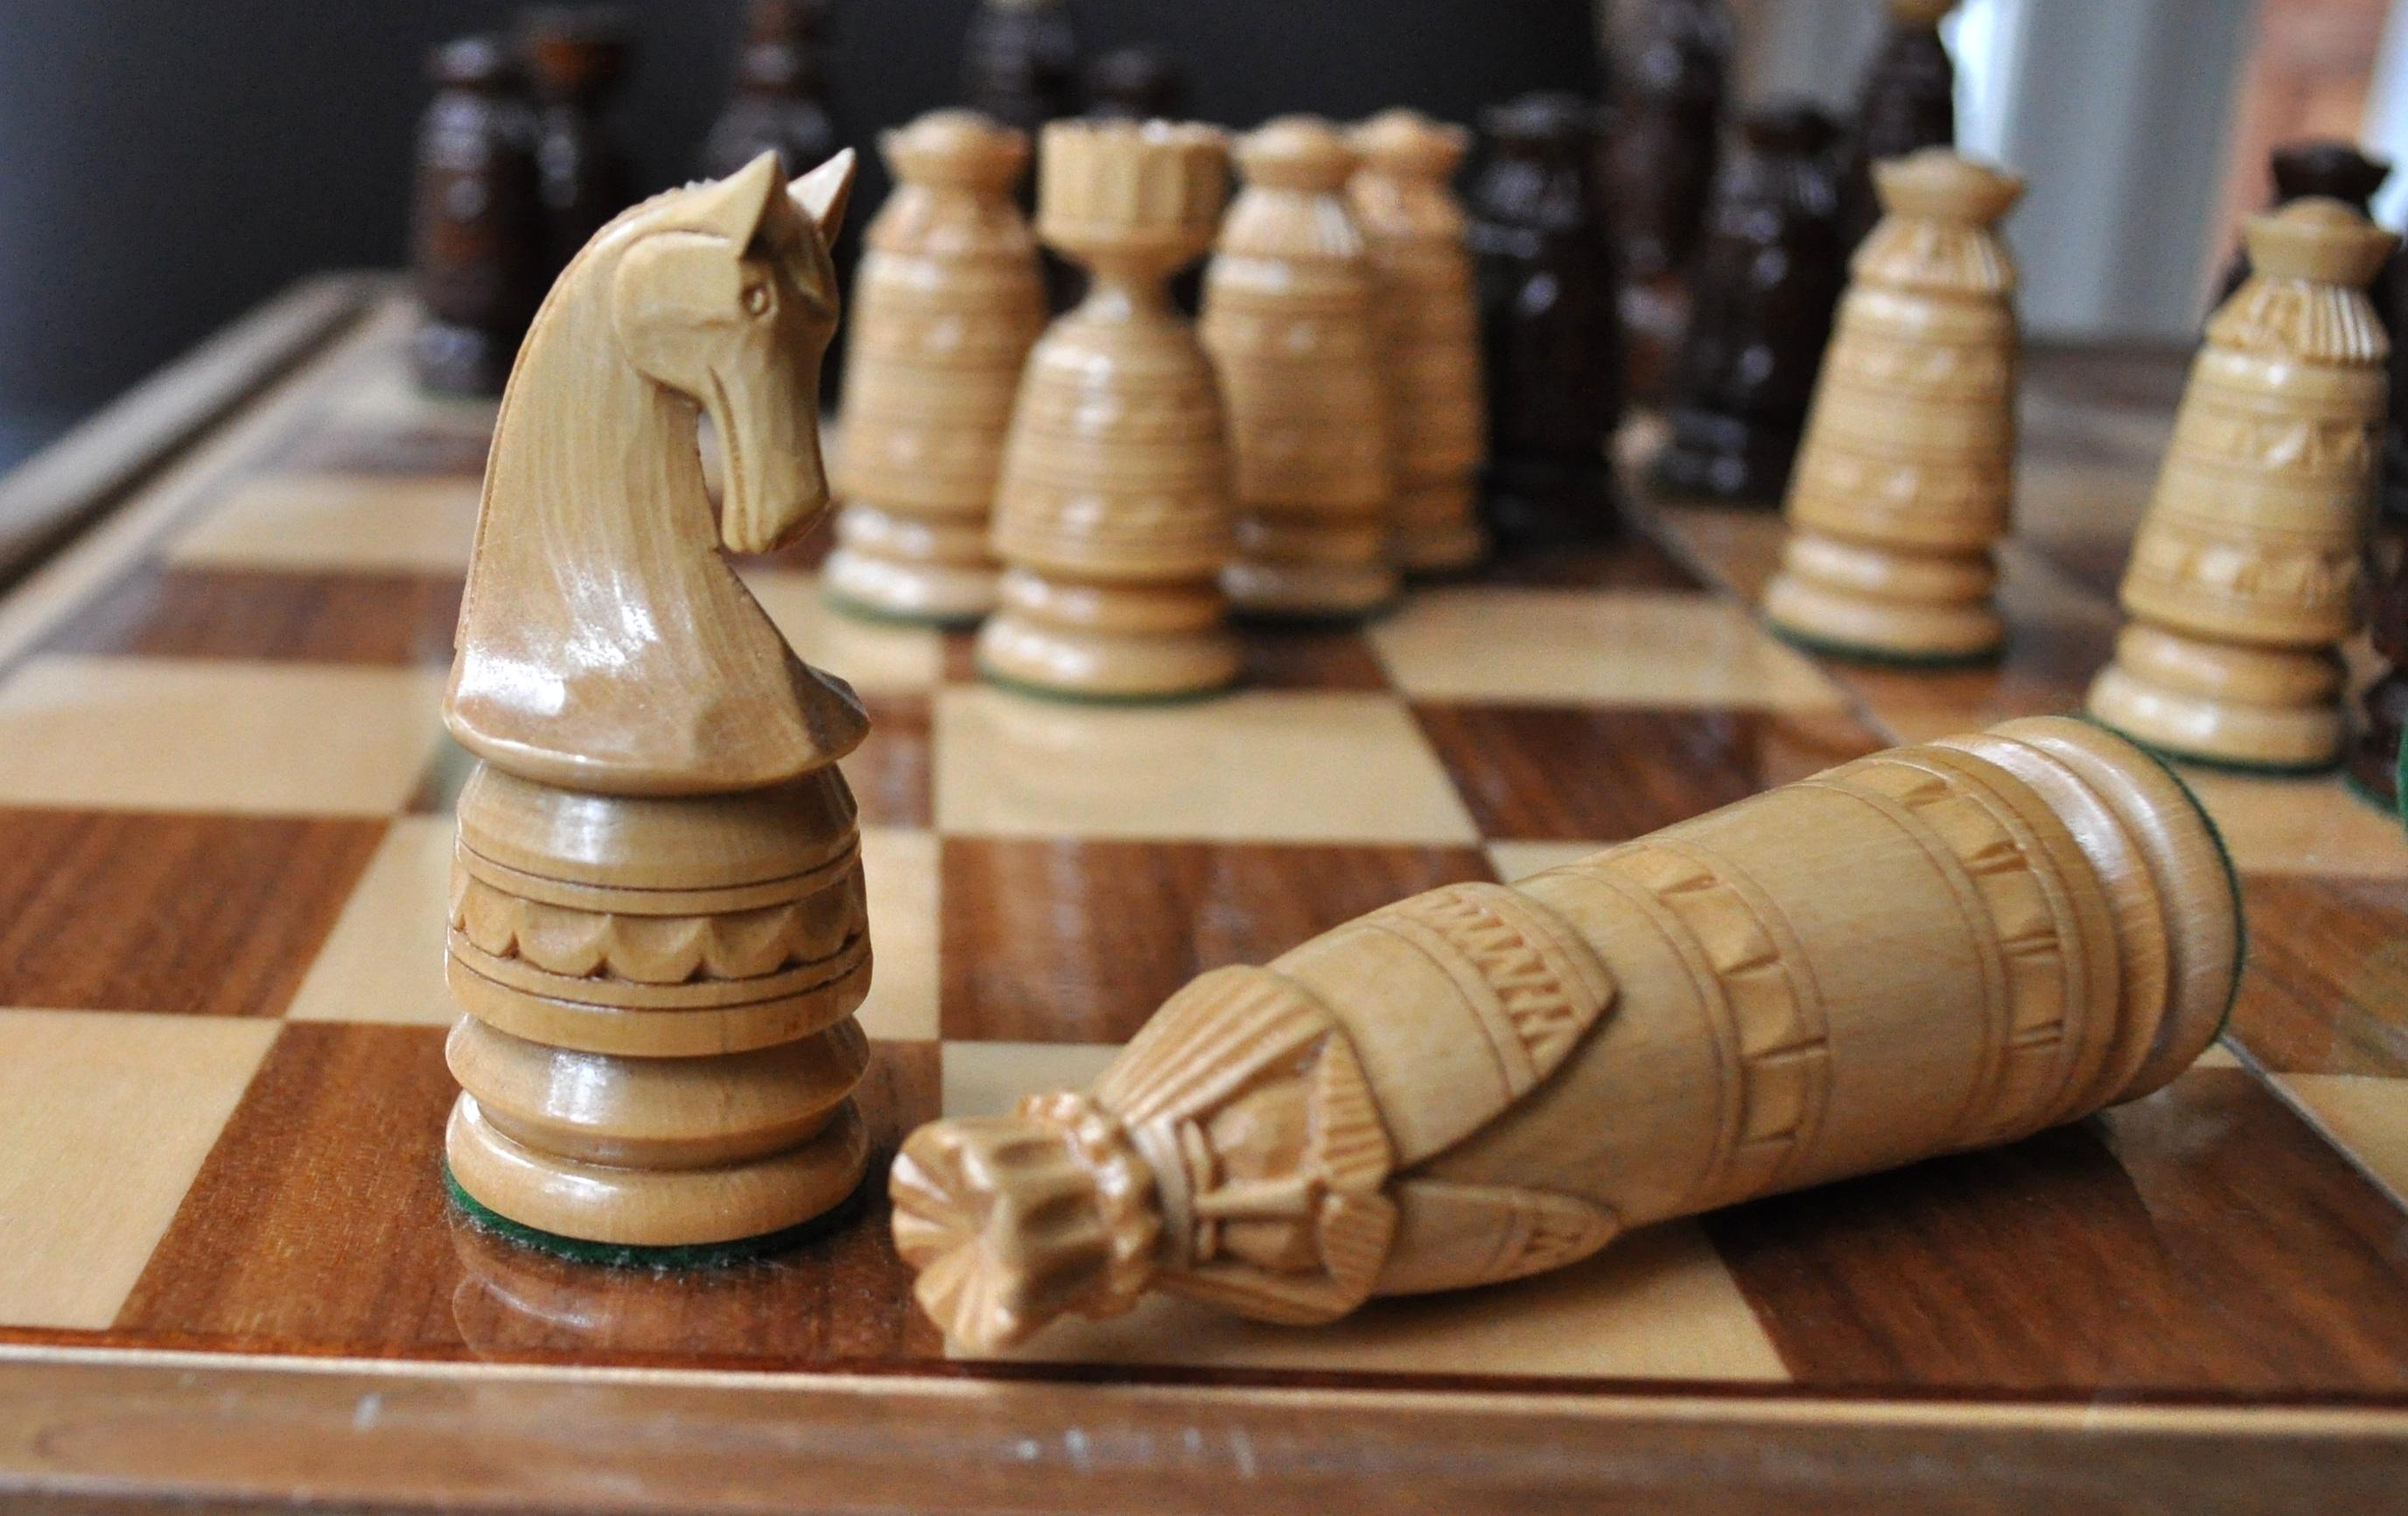 картинки ход конем шахматы тортика